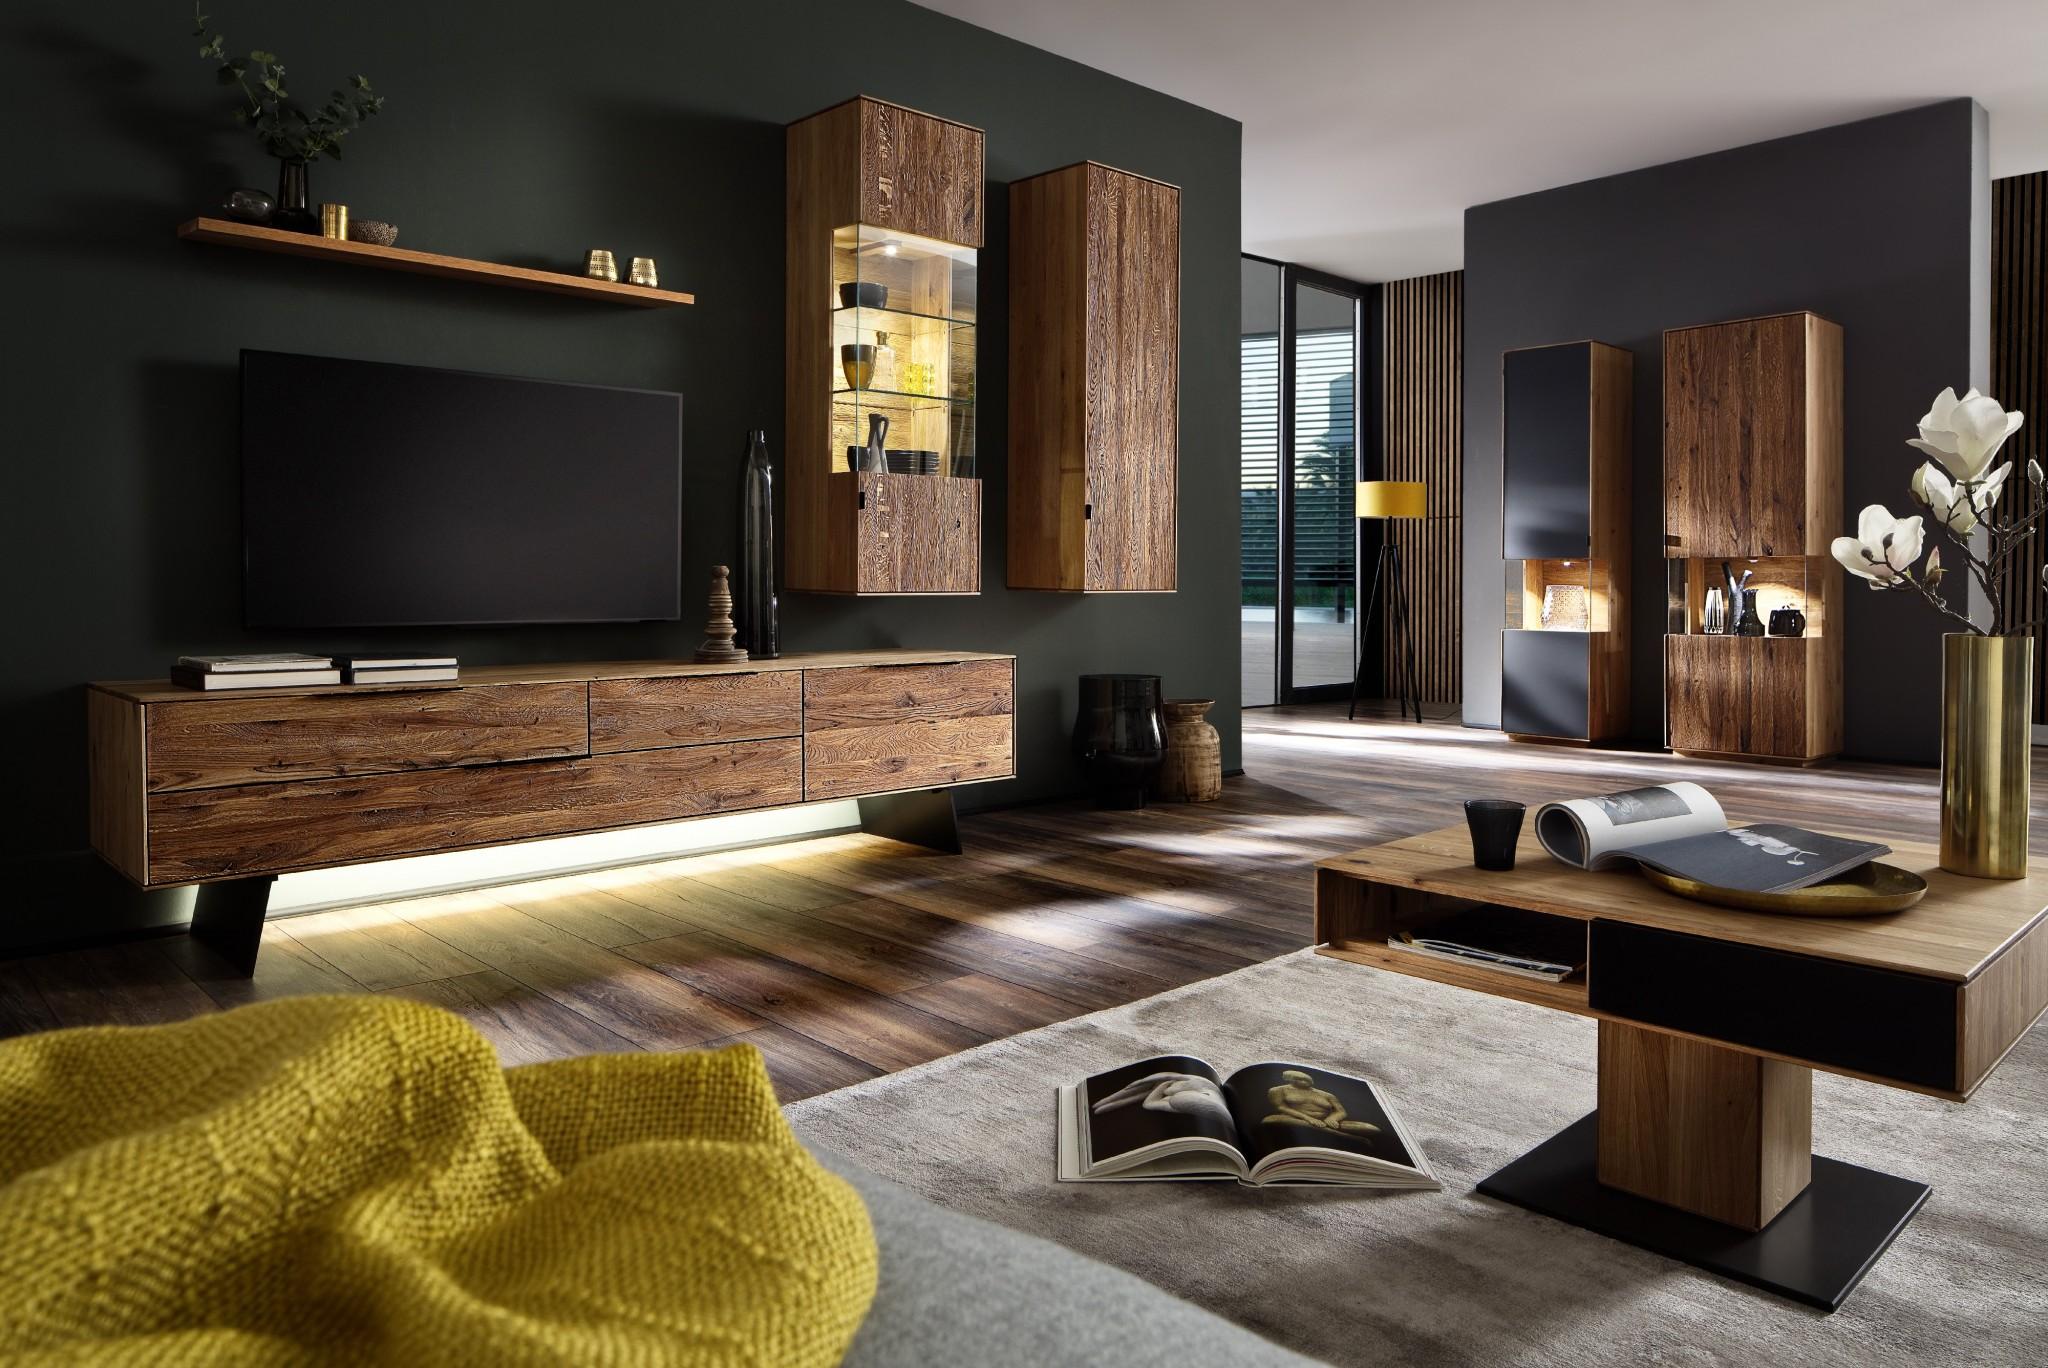 fabulous wohnzimmer mbel medo in eiche massiv gelt fronten in uriger haptik with eiche massiv